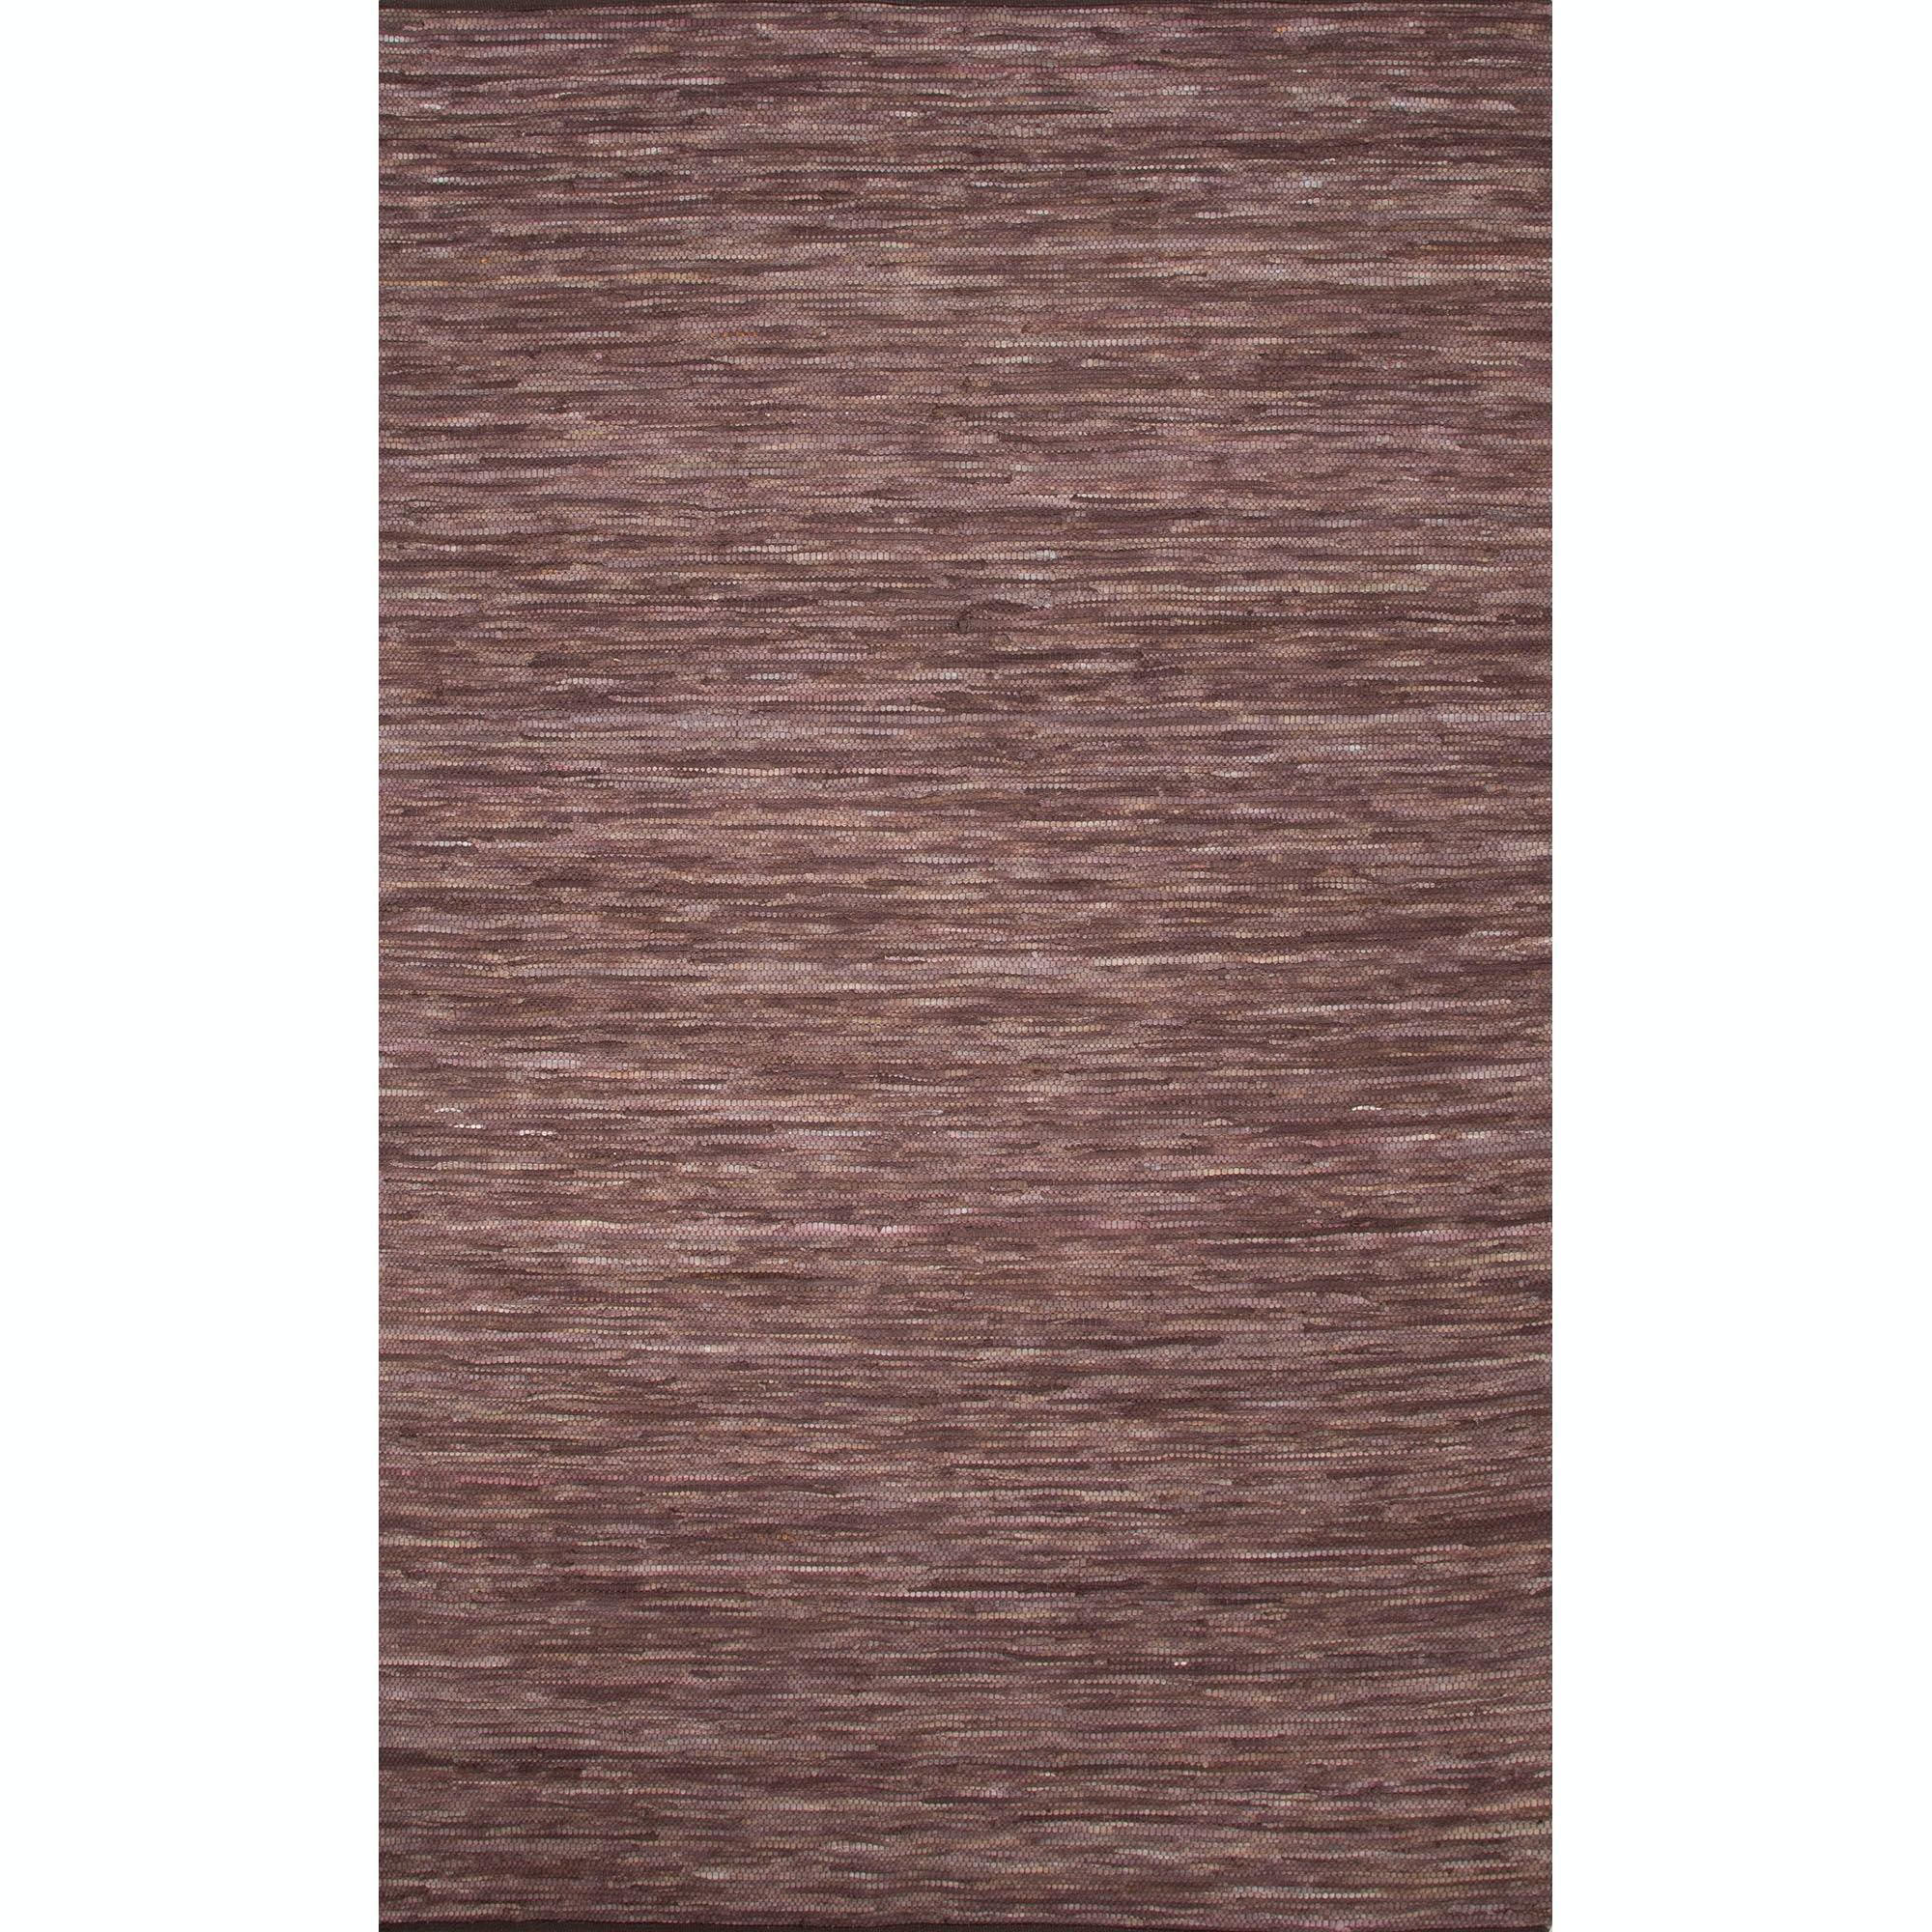 Floor Coverings Jaipur Solids Handloom Solid Pattern Brown Purple